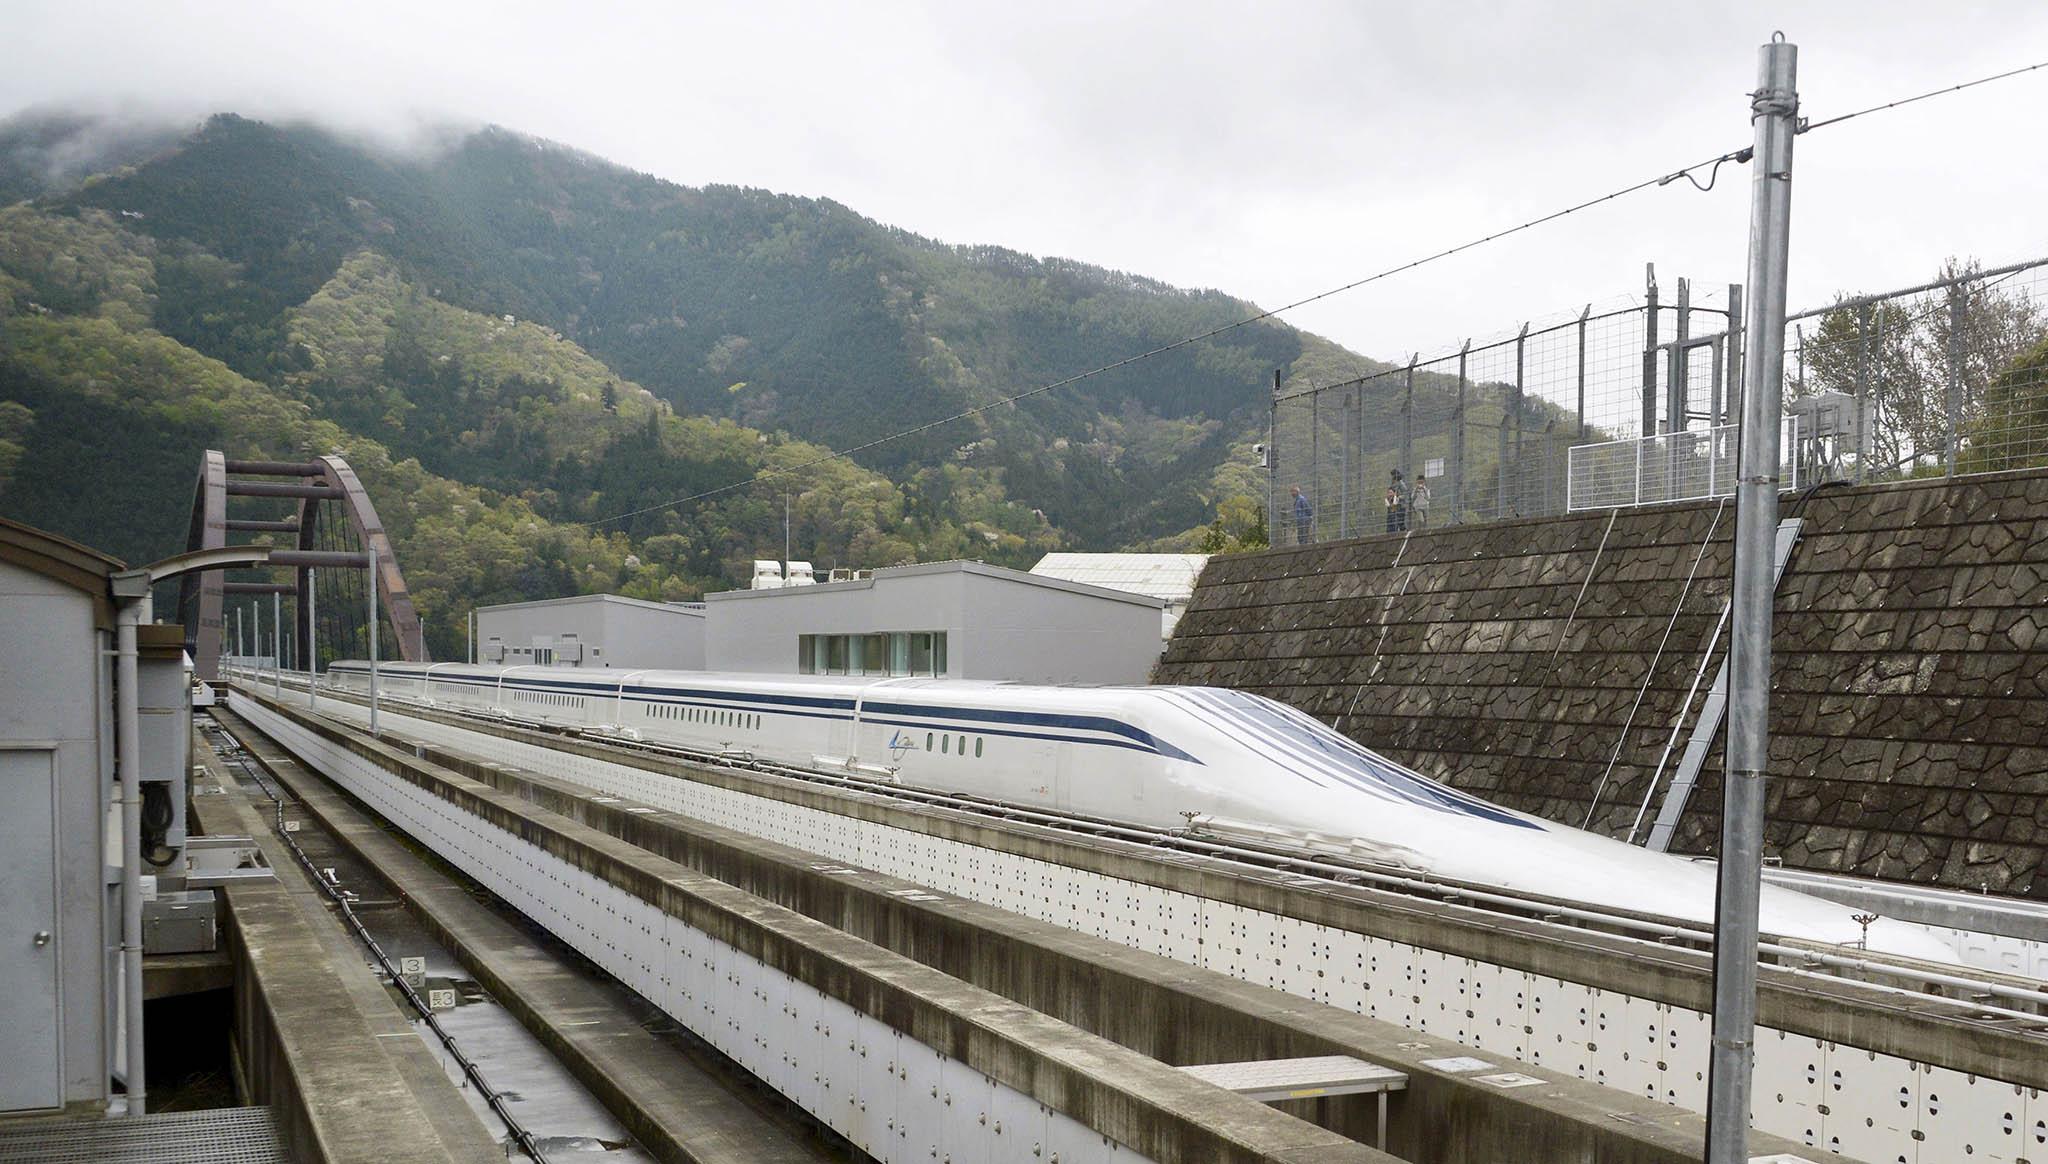 Souprava bude podokončení výstavby trati jezdit mezi městy Tokio aÓsaka.